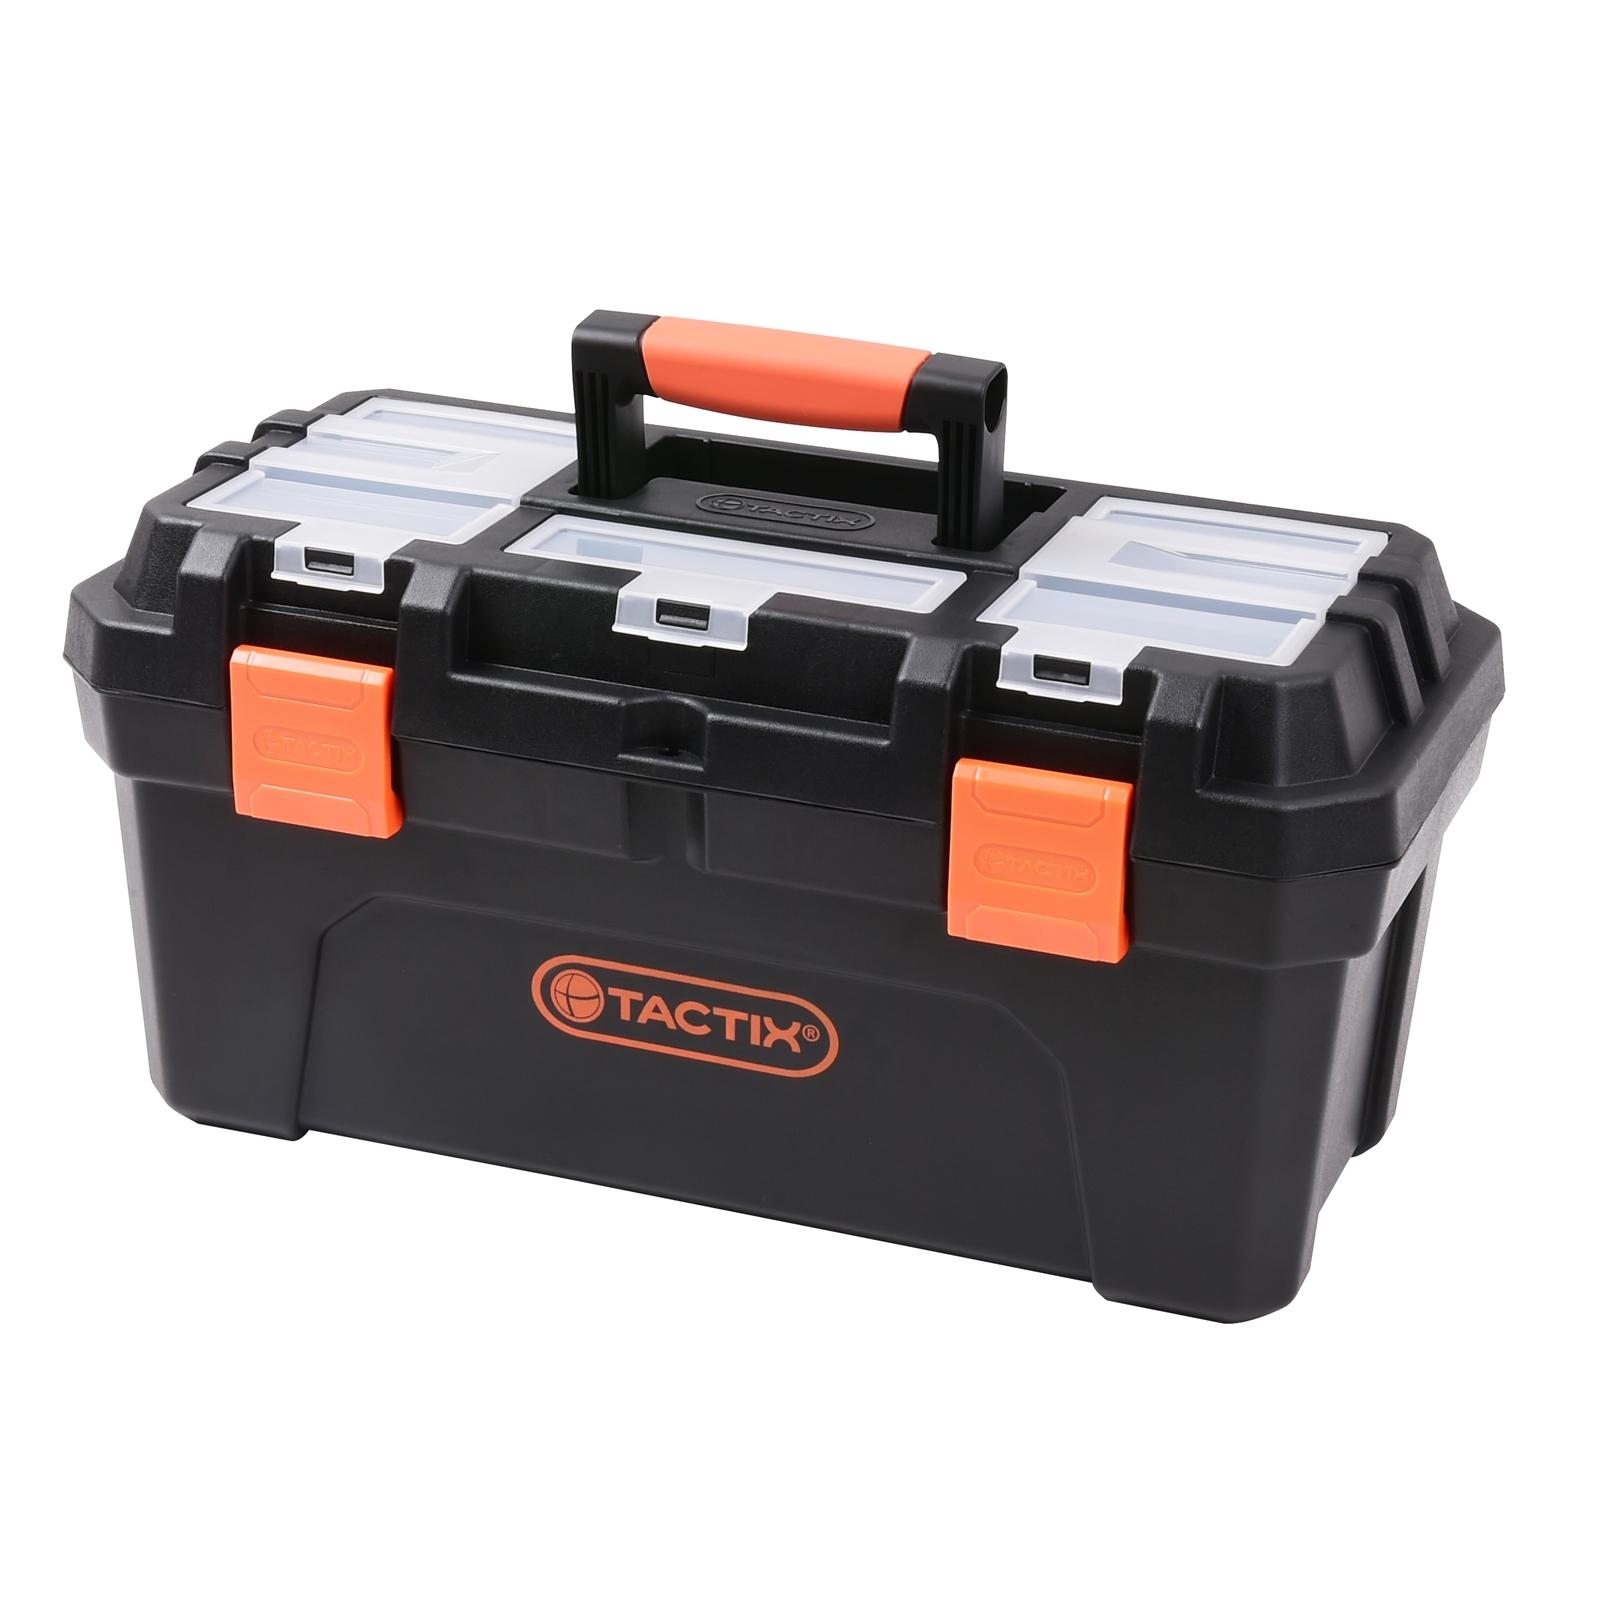 Tactix 507mm Tool Box